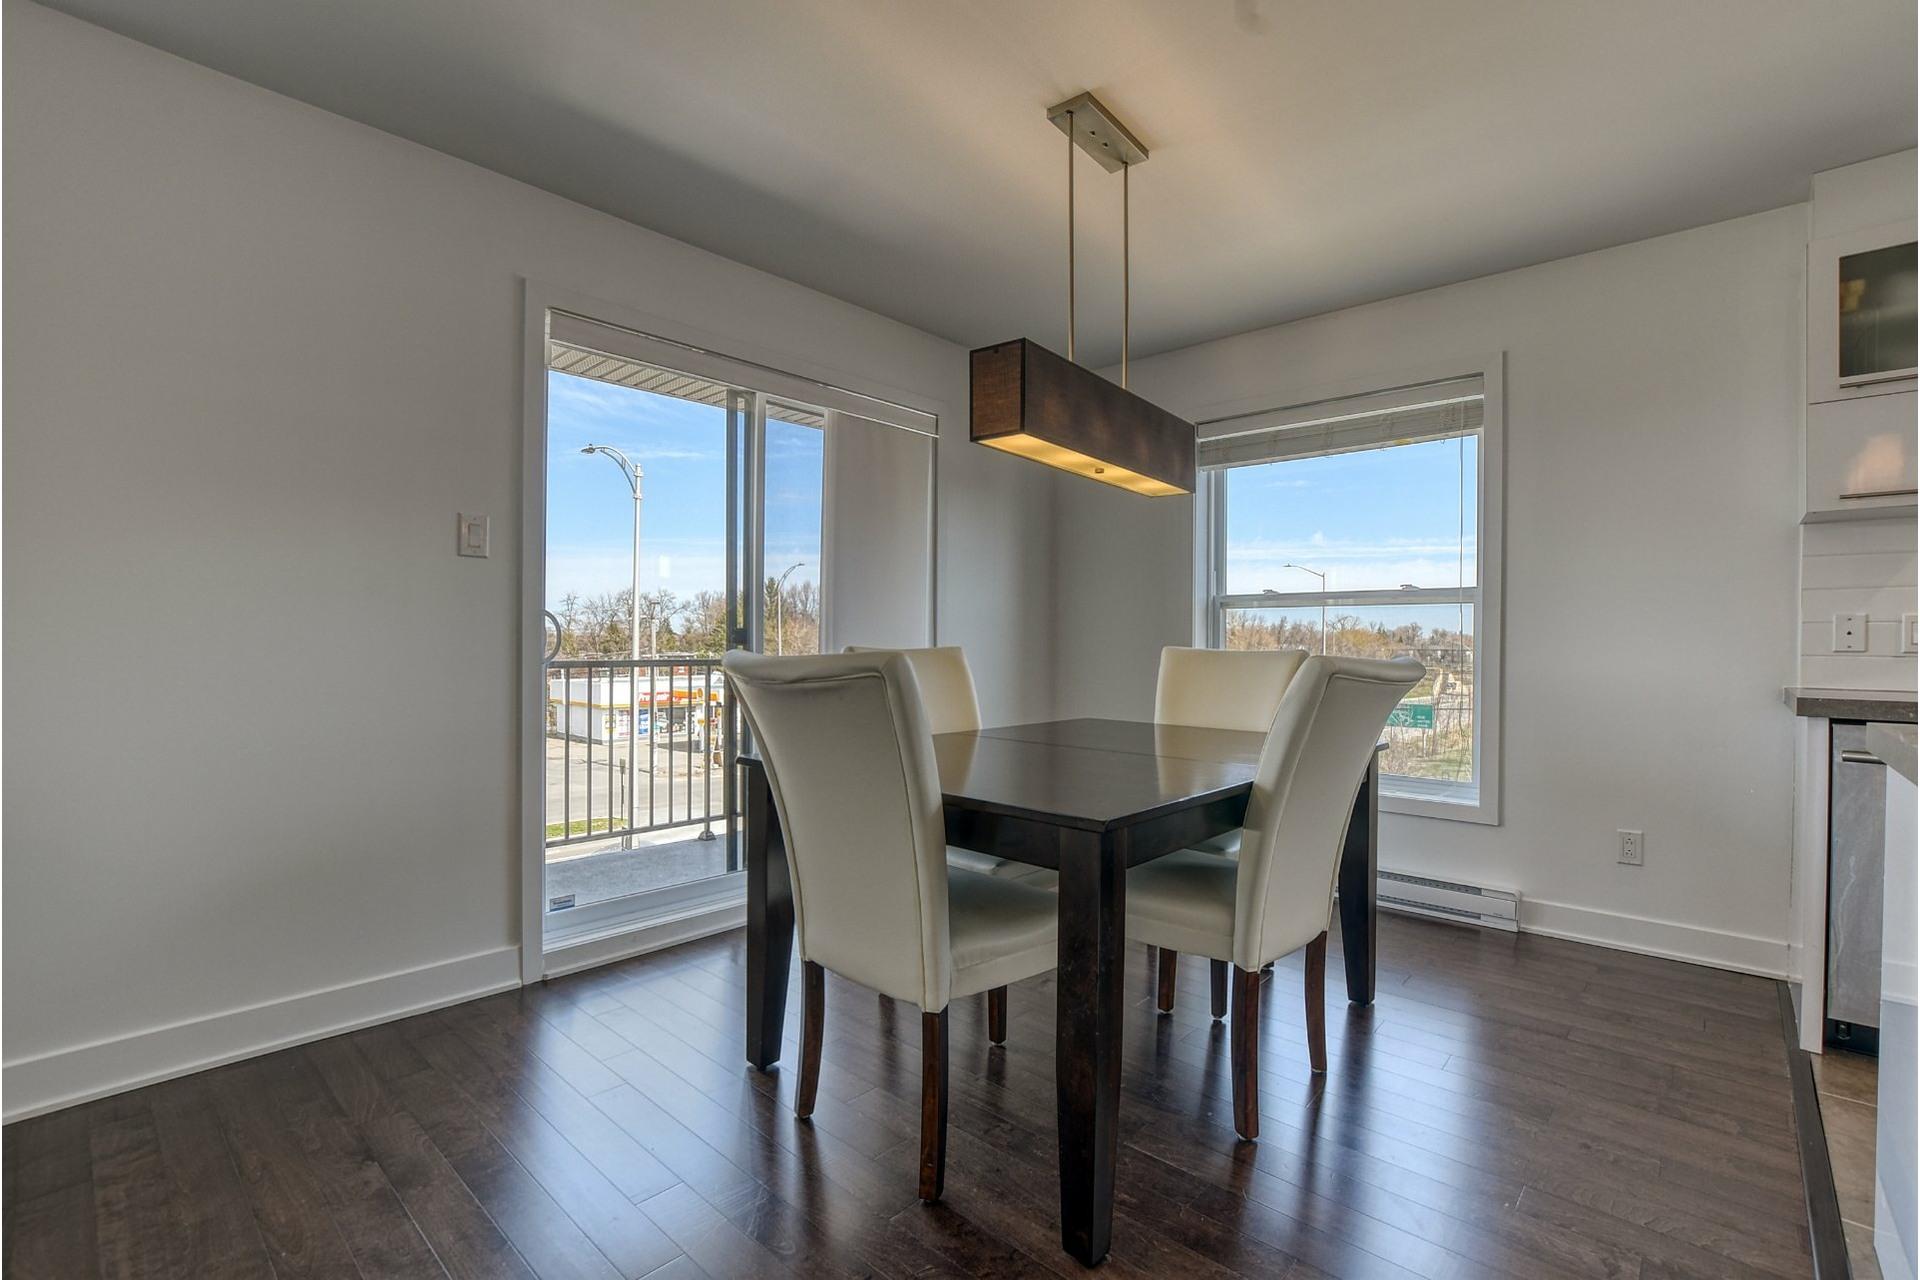 image 7 - Appartement À vendre Rivière-des-Prairies/Pointe-aux-Trembles Montréal  - 11 pièces